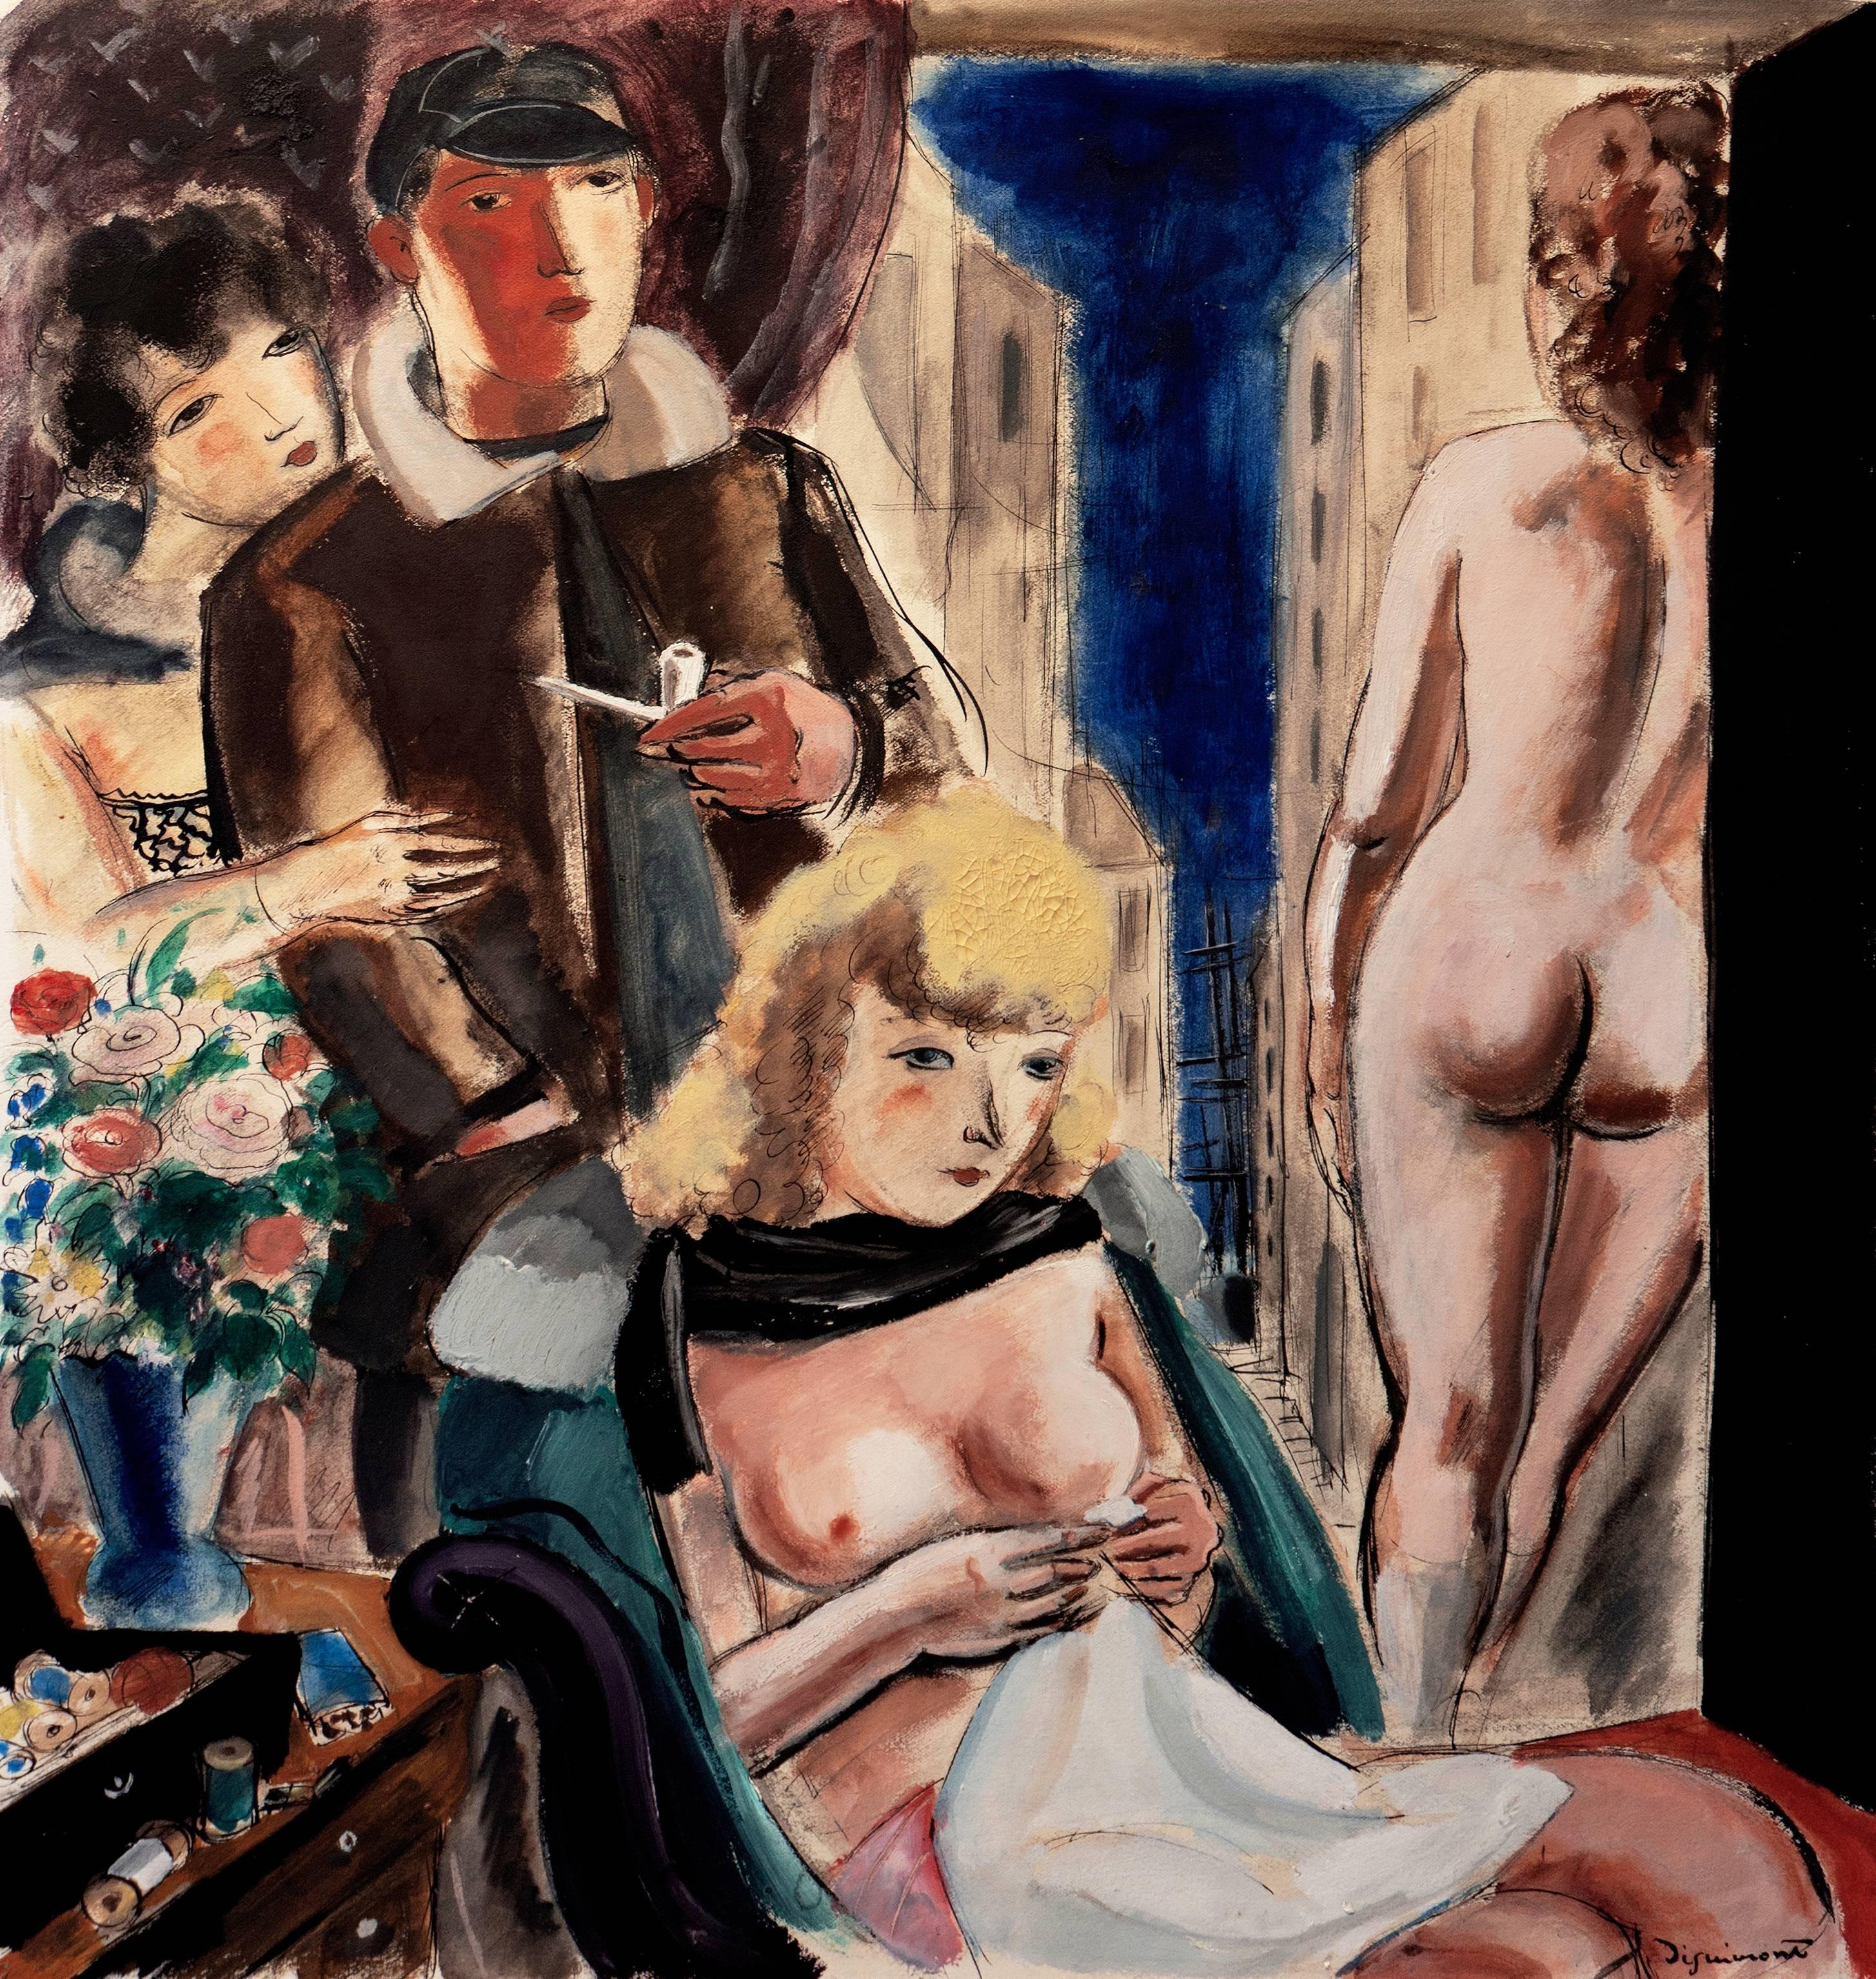 'Brothel Interior with Figures', Salon D'Automne, Paris, Benezit, Illustrator